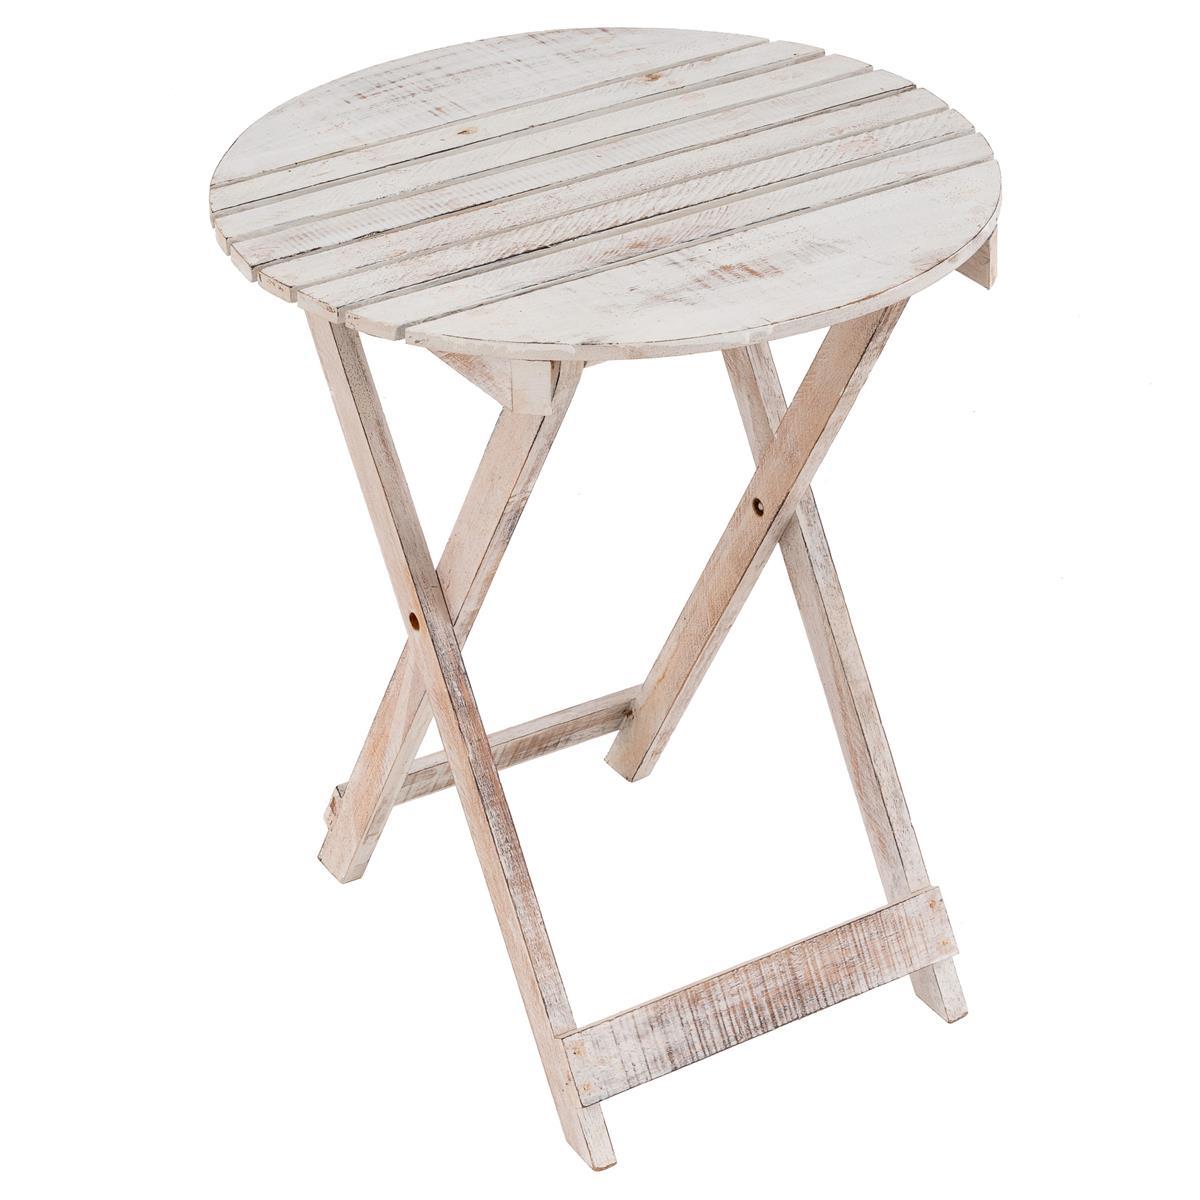 Gartentisch Holz Weiß Vintage.Divero Klapptisch Gartentisch Beistelltisch Klappbar Holz